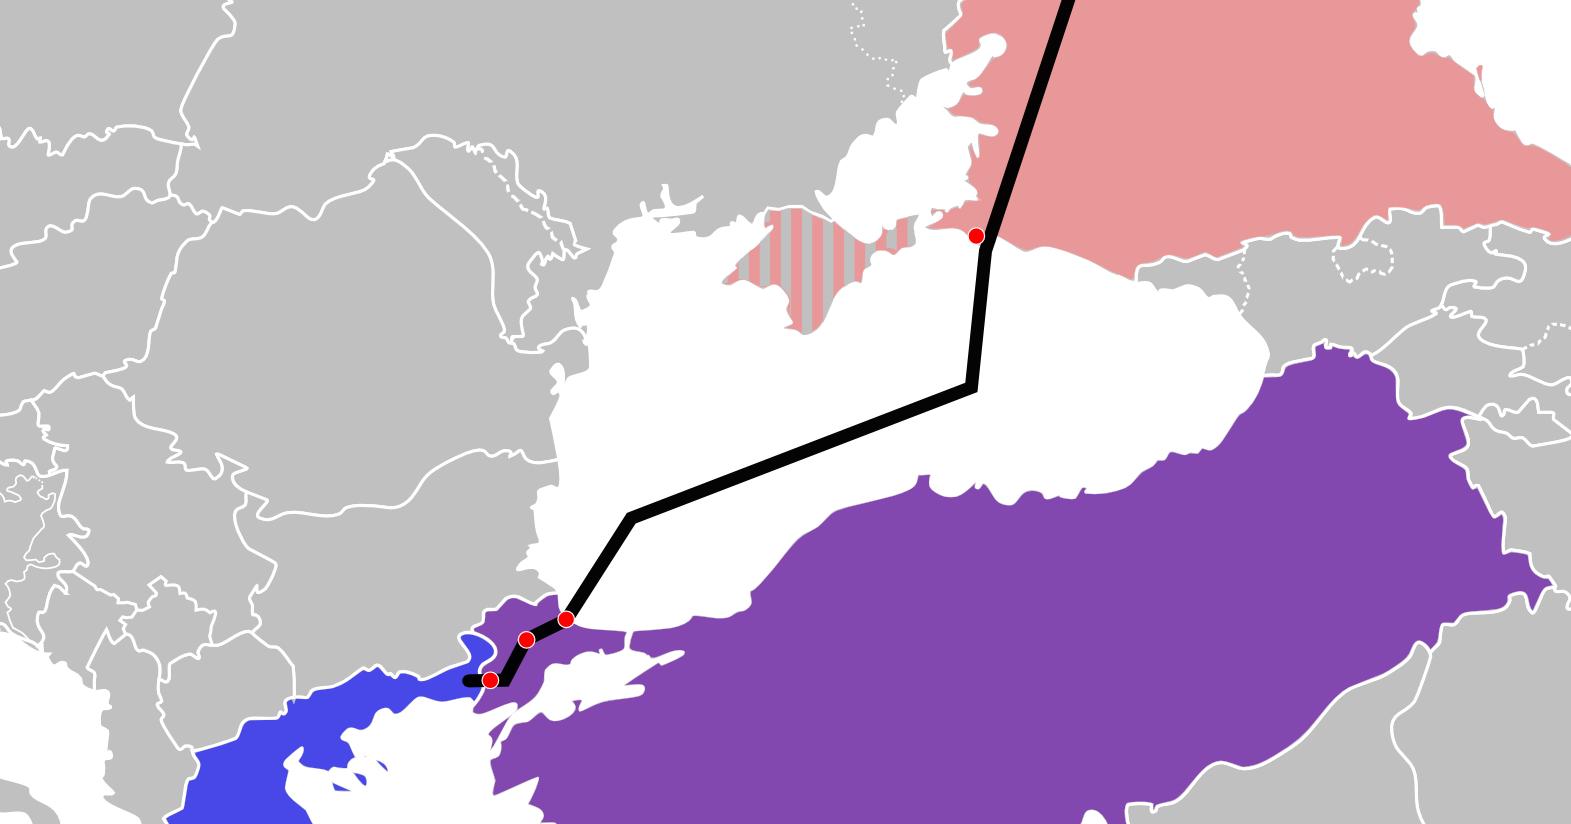 Газопровод турецкий поток схема